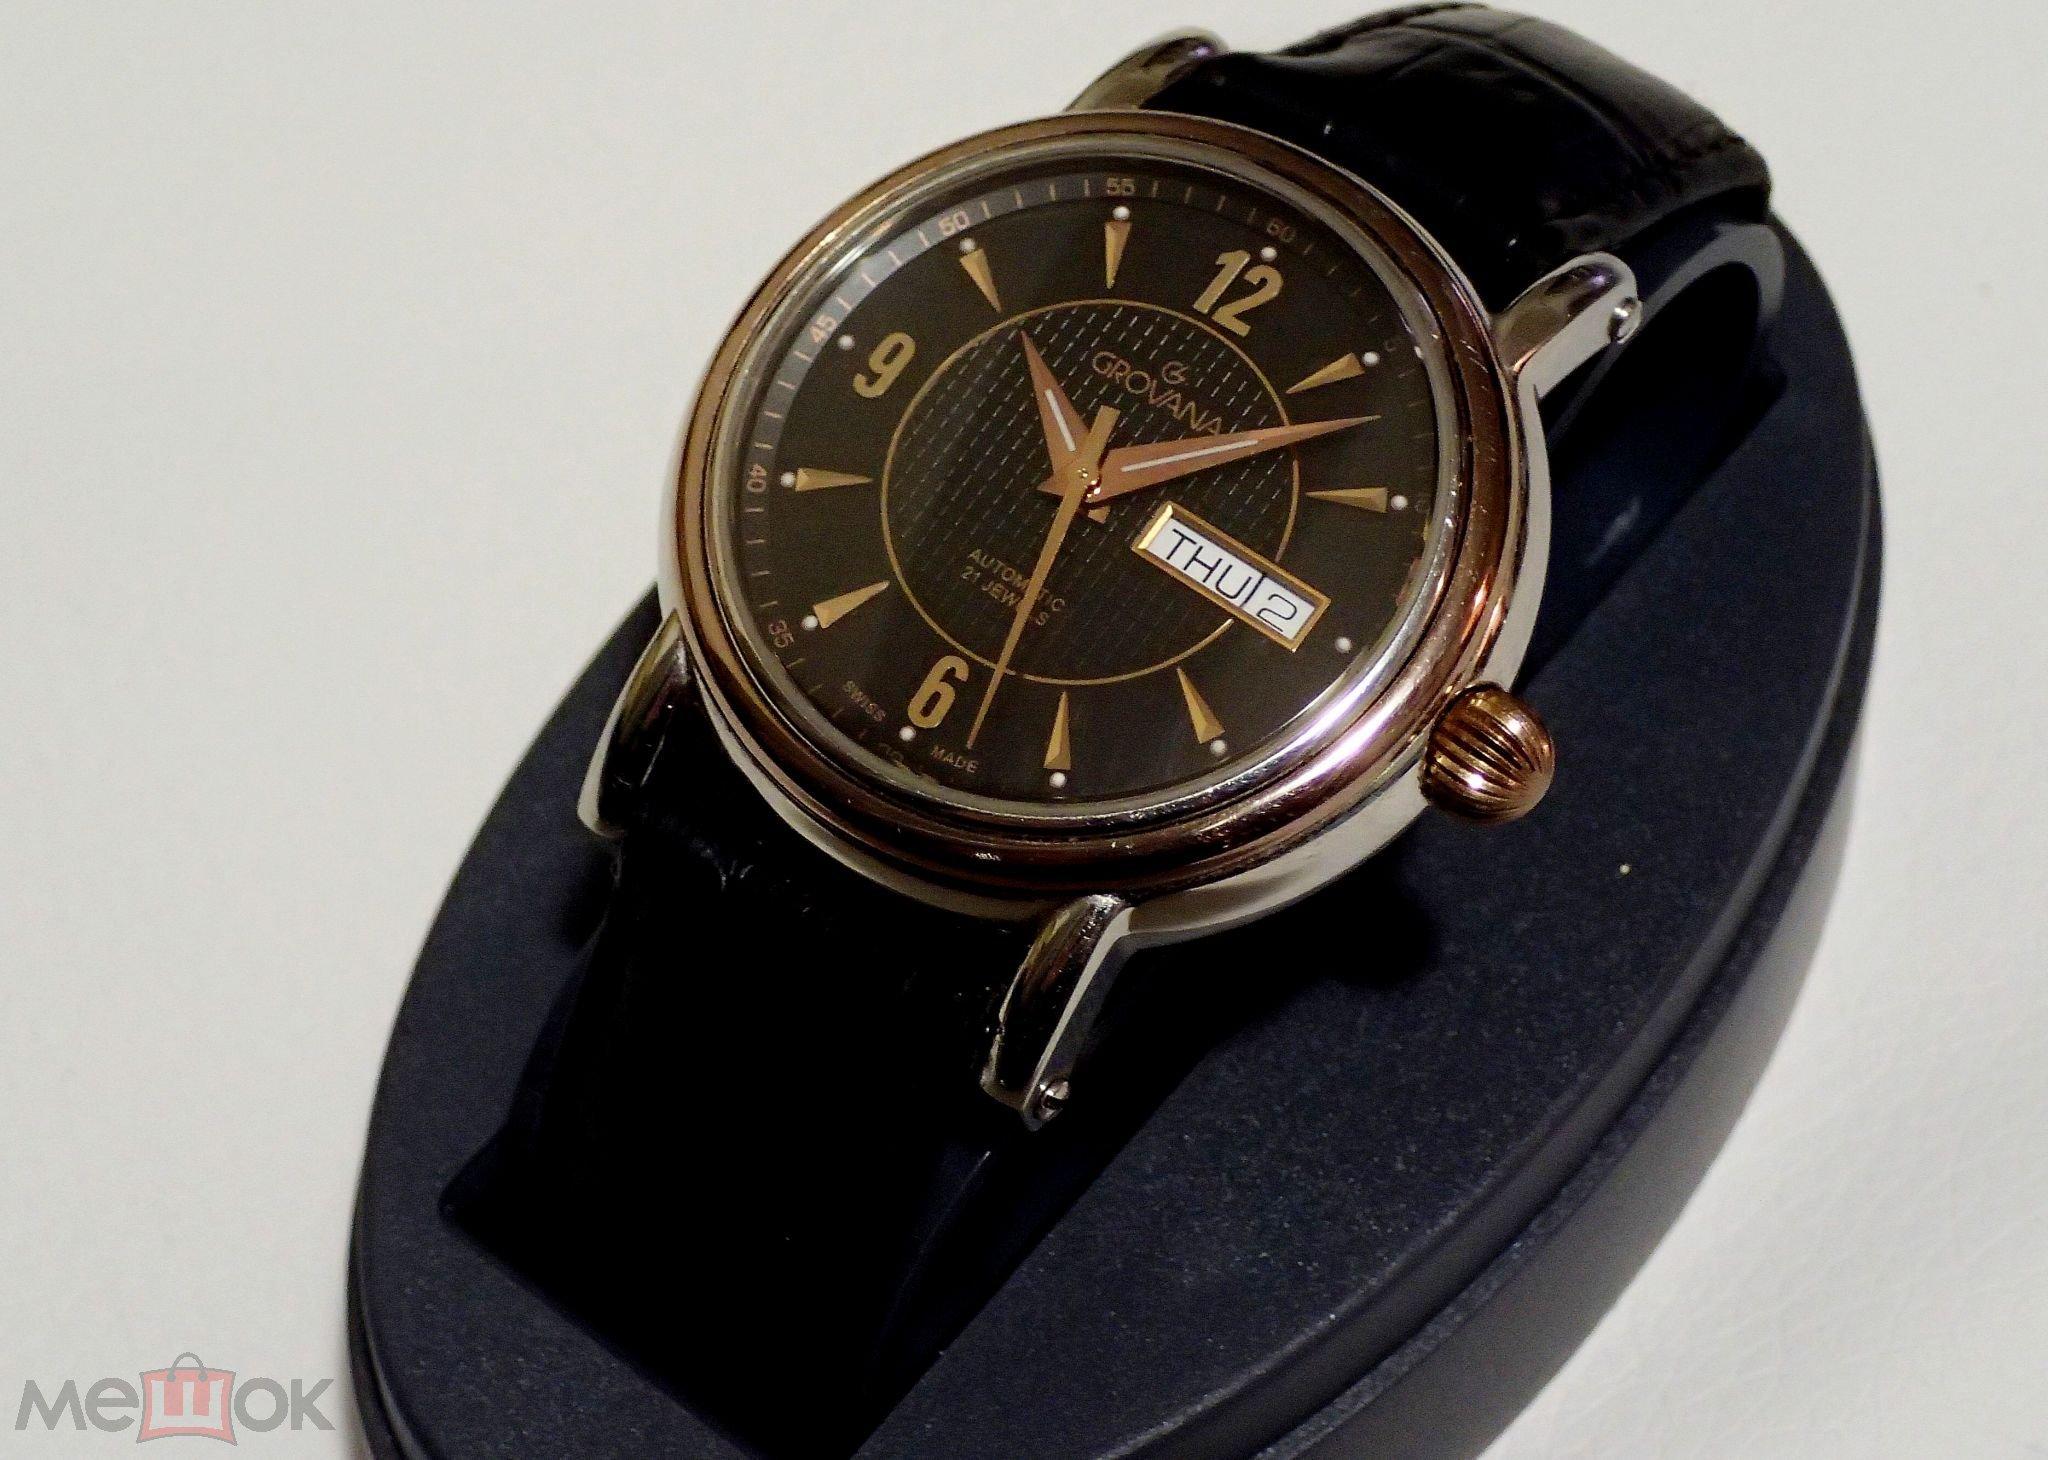 Главная мужские часы мужские механические часы с автоподзаводом мужские механические часы с автоподзаводом фильтр.